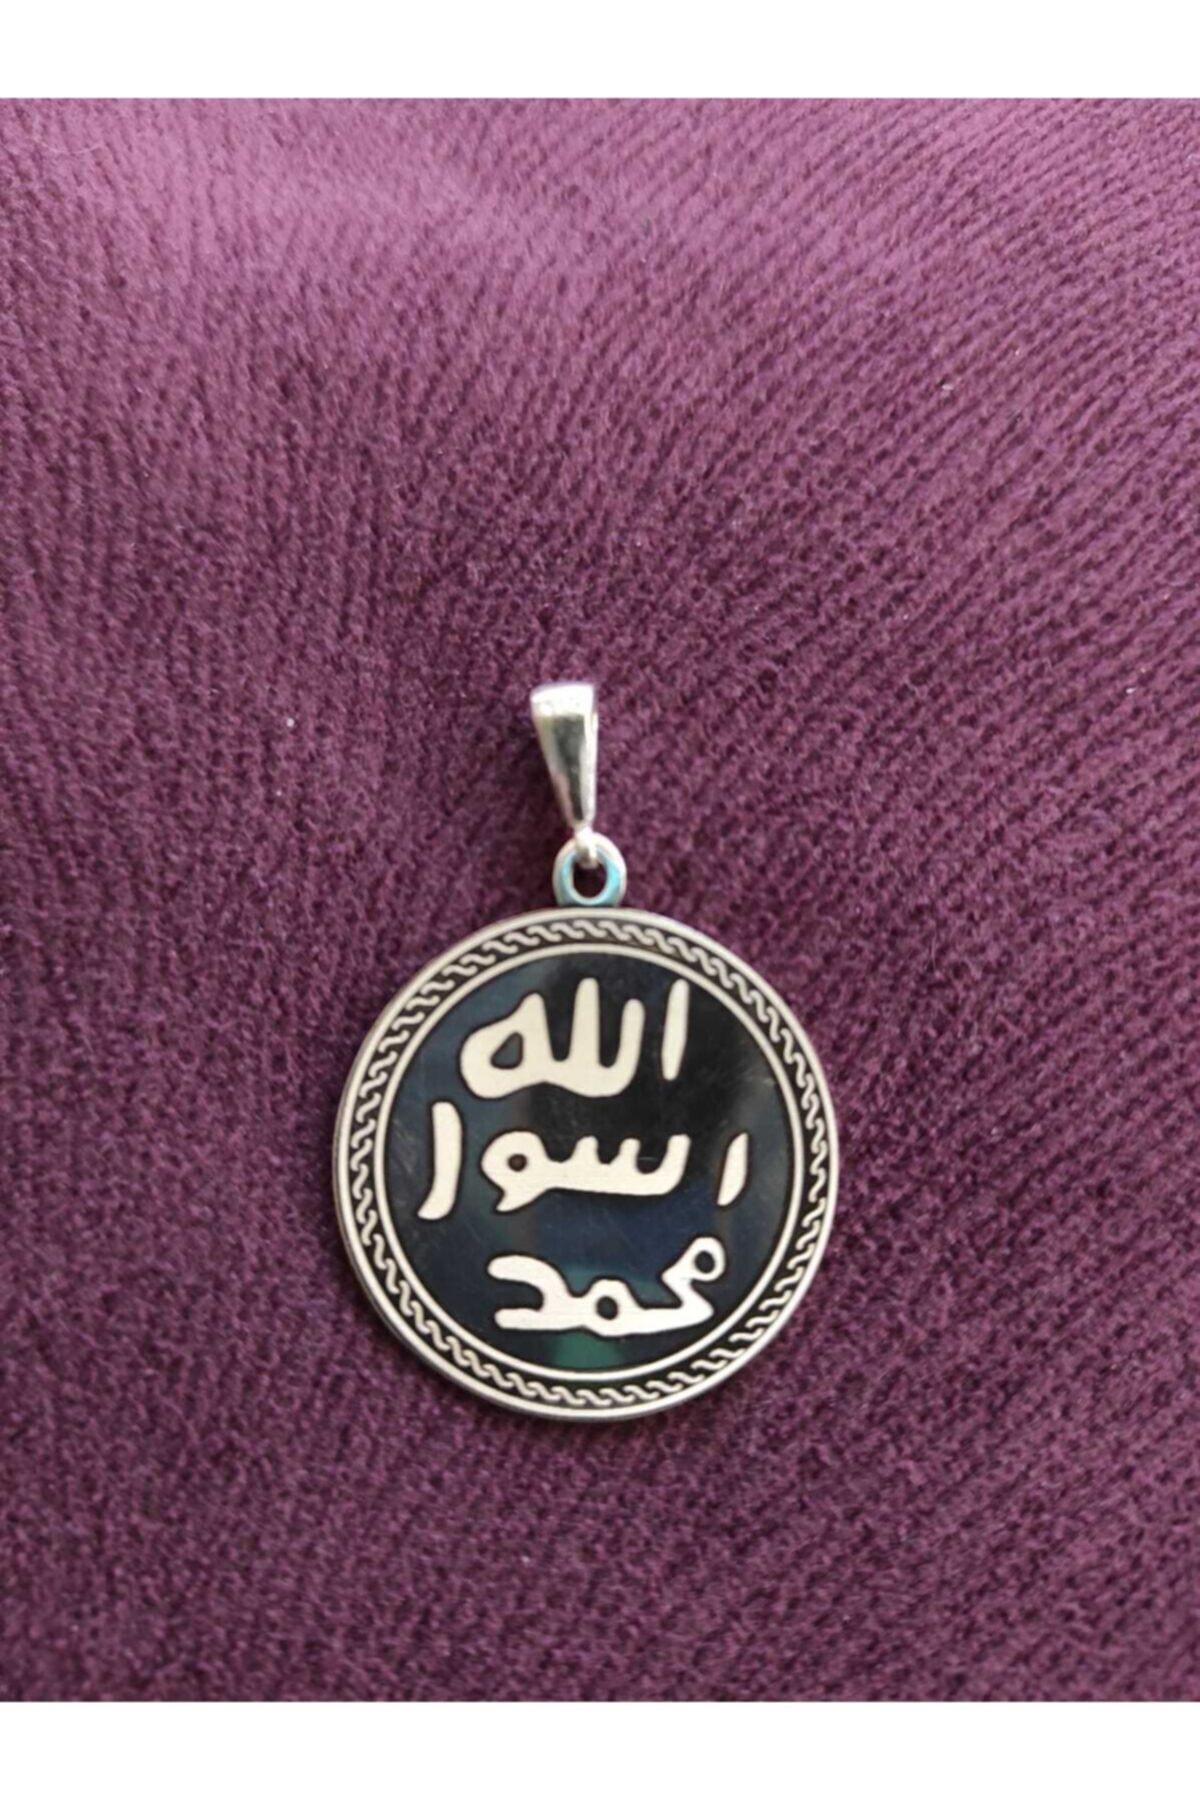 Yetkin Peygamber Efendimizin Ve Sultan Süleymanın Mührü 2